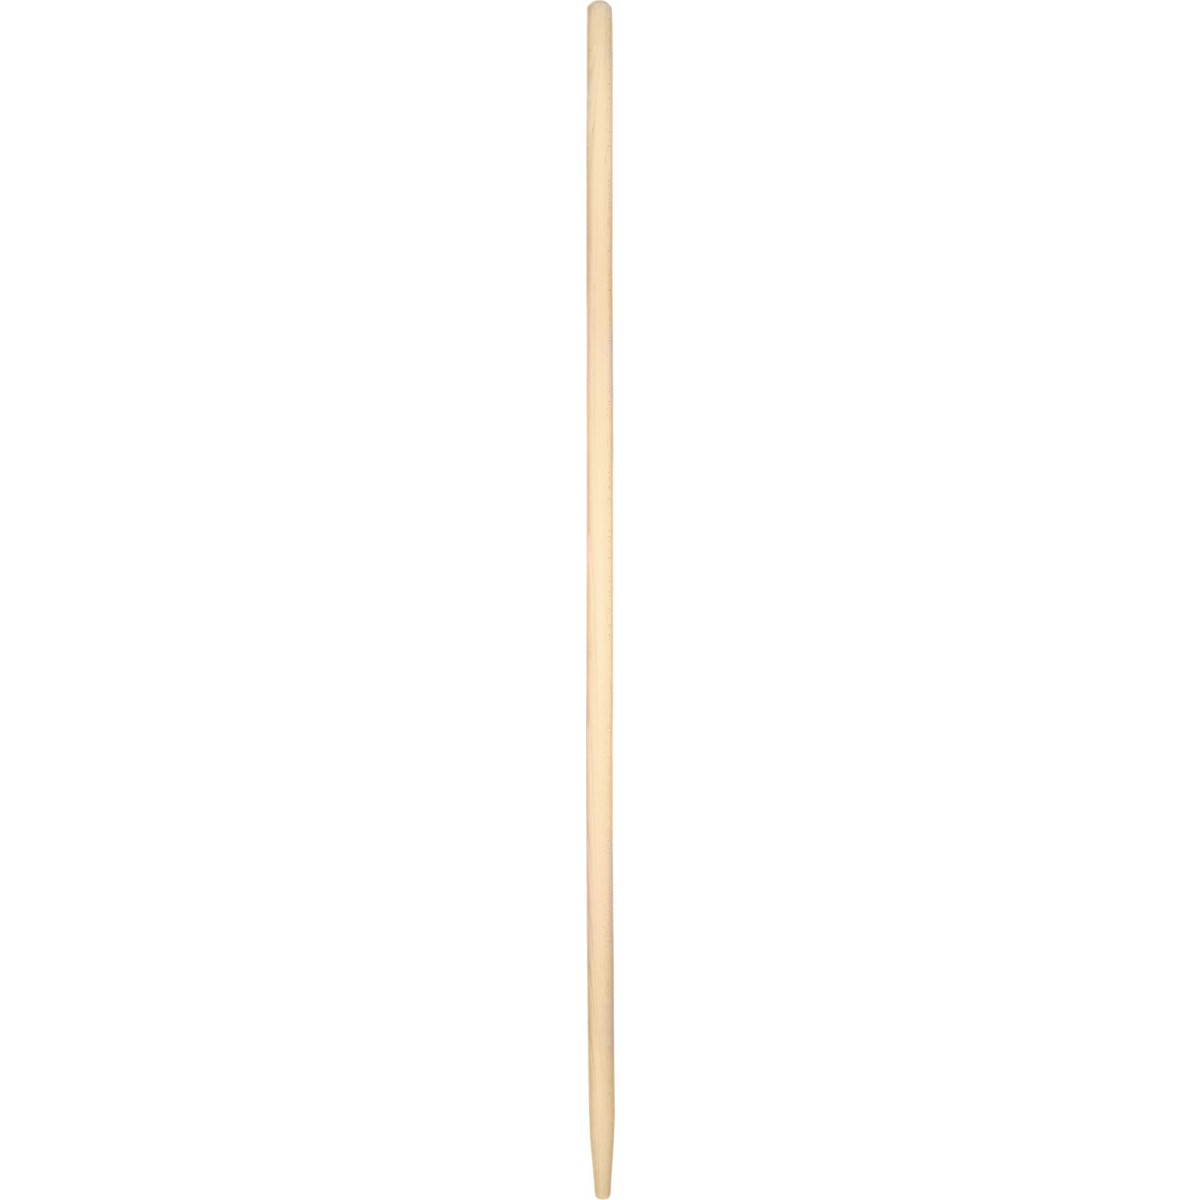 Manche bois Cap Vert - Râteau à faner - Diamètre 28 mm - Longueur 2 m